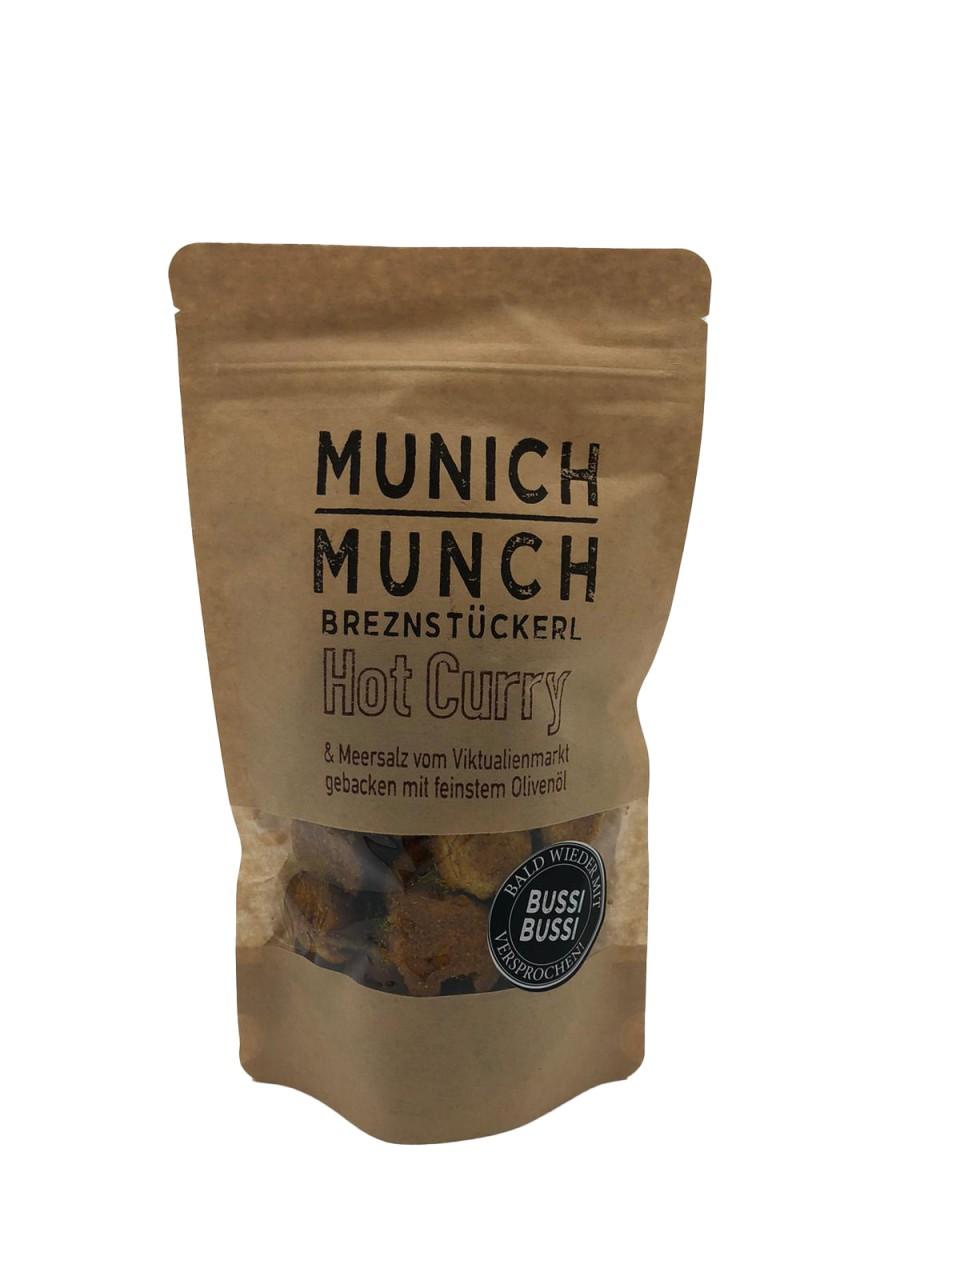 Munich Munch Brezenstückerl Hot Curry & Meersalz vom Viktualenmarkt gebacken mit feinstem Olivenöl